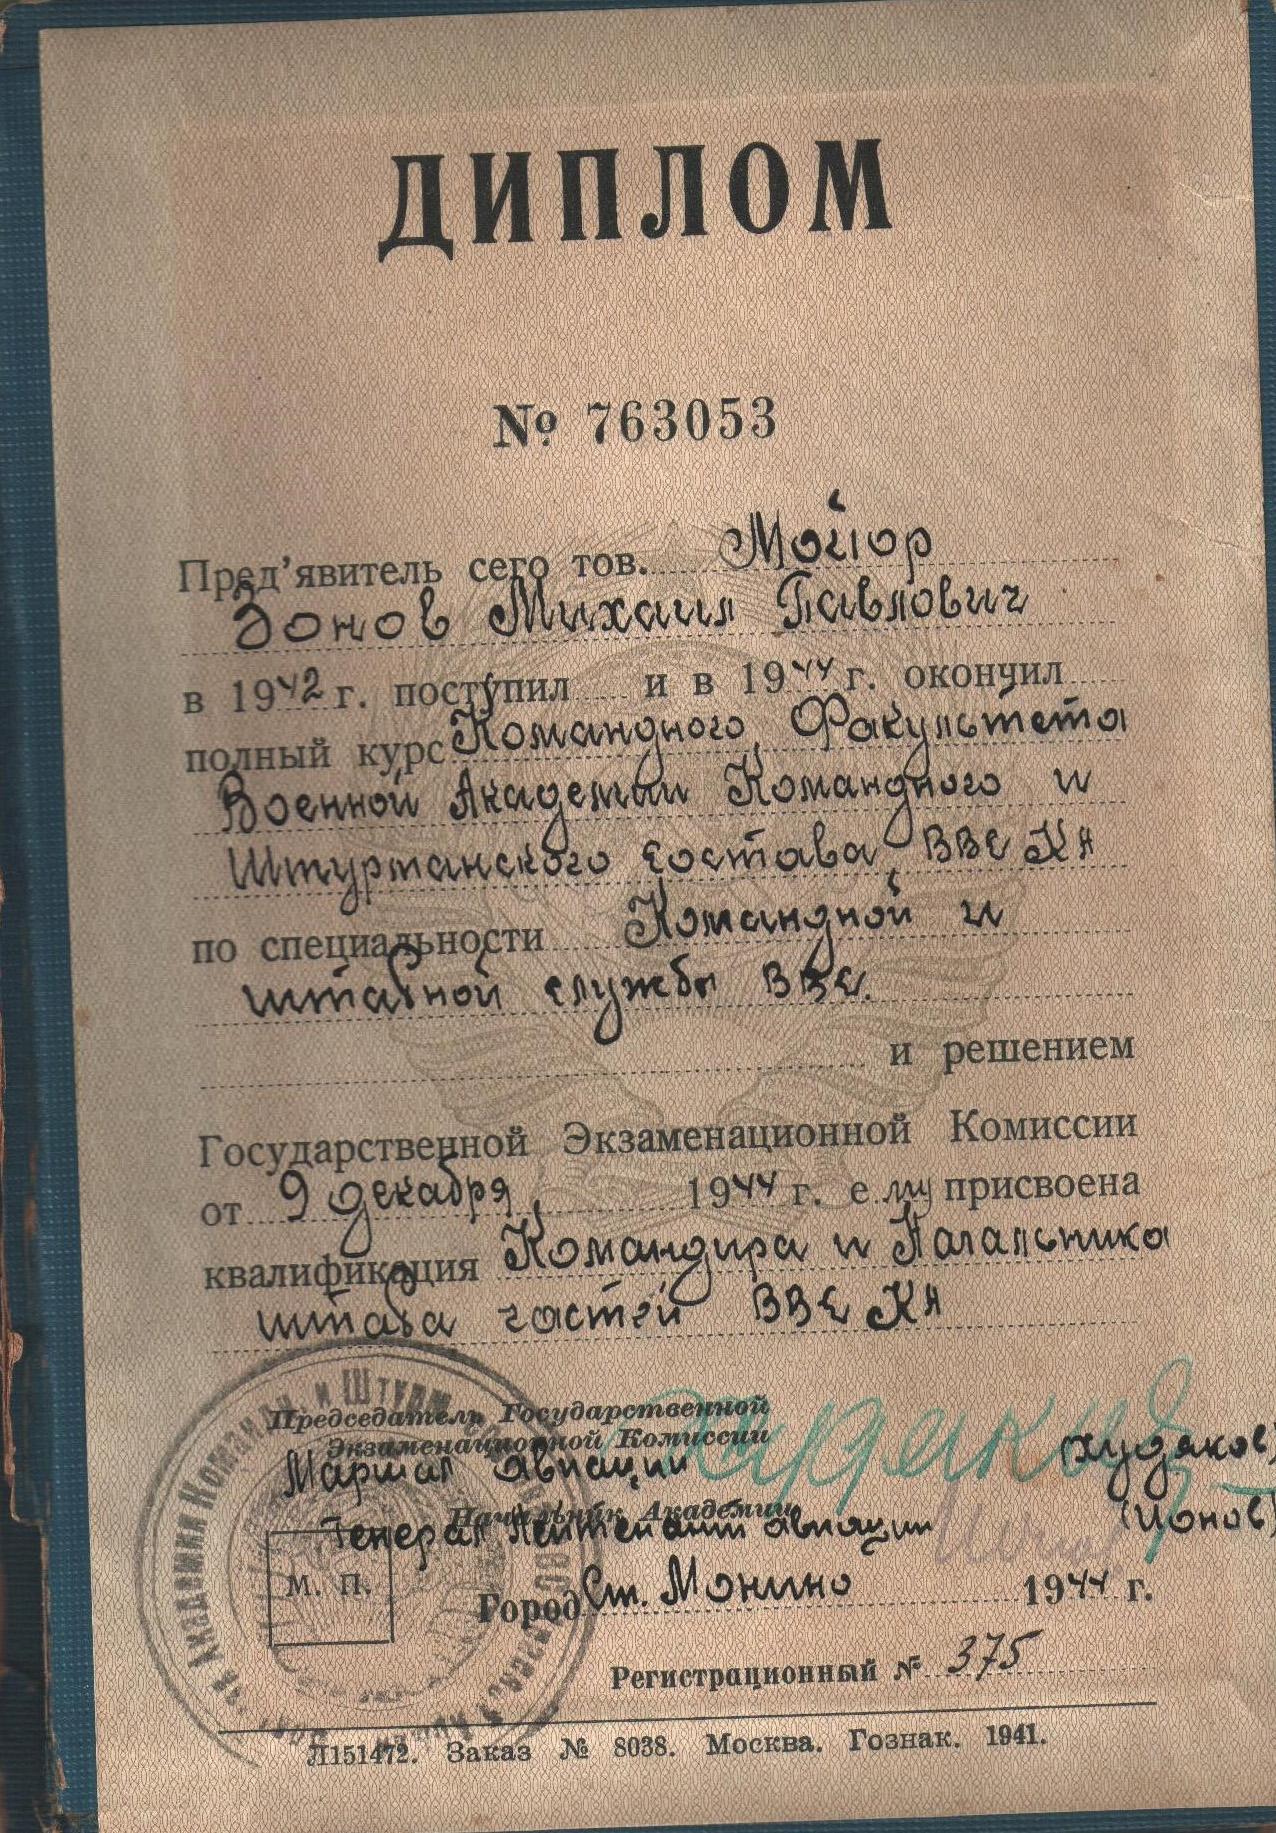 Диплом Зонова М.П.